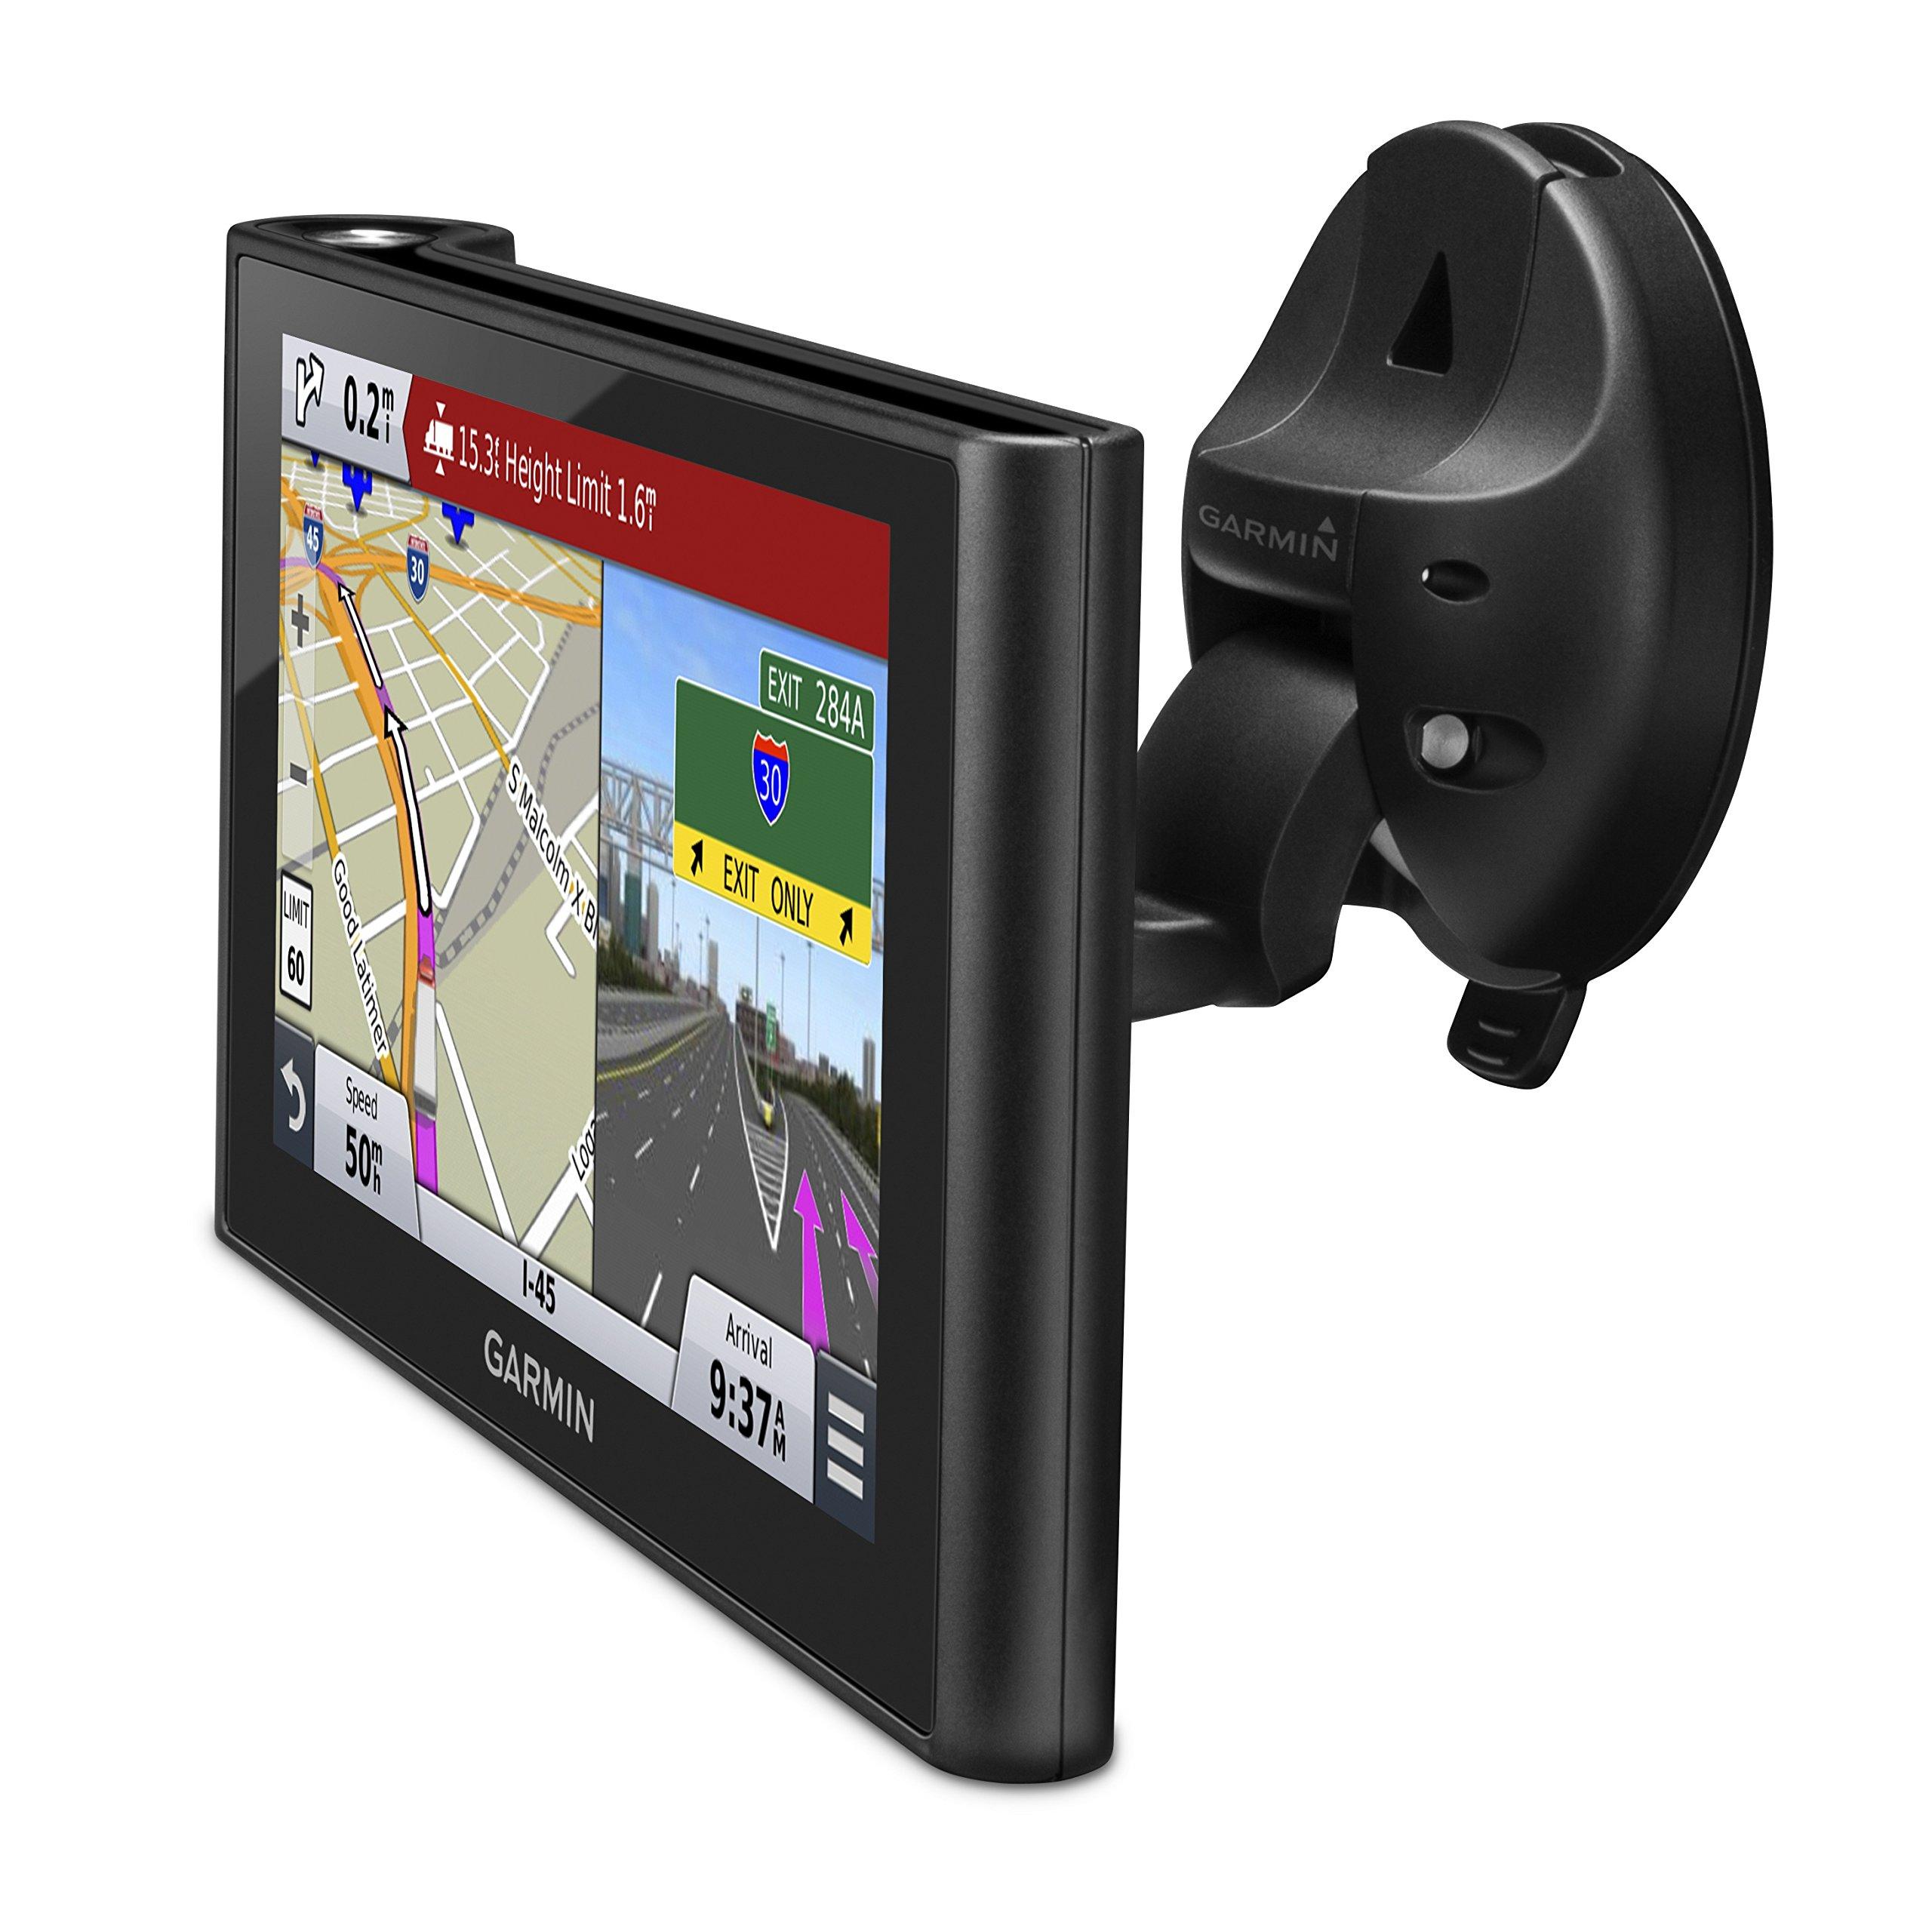 Garmin-dezlCam-LKW-Navigationsgert-lebenslange-Kartenupdates-DAB-LKW-spezifisches-Routing-6-Zoll-152cm-Touch-Glasdisplay